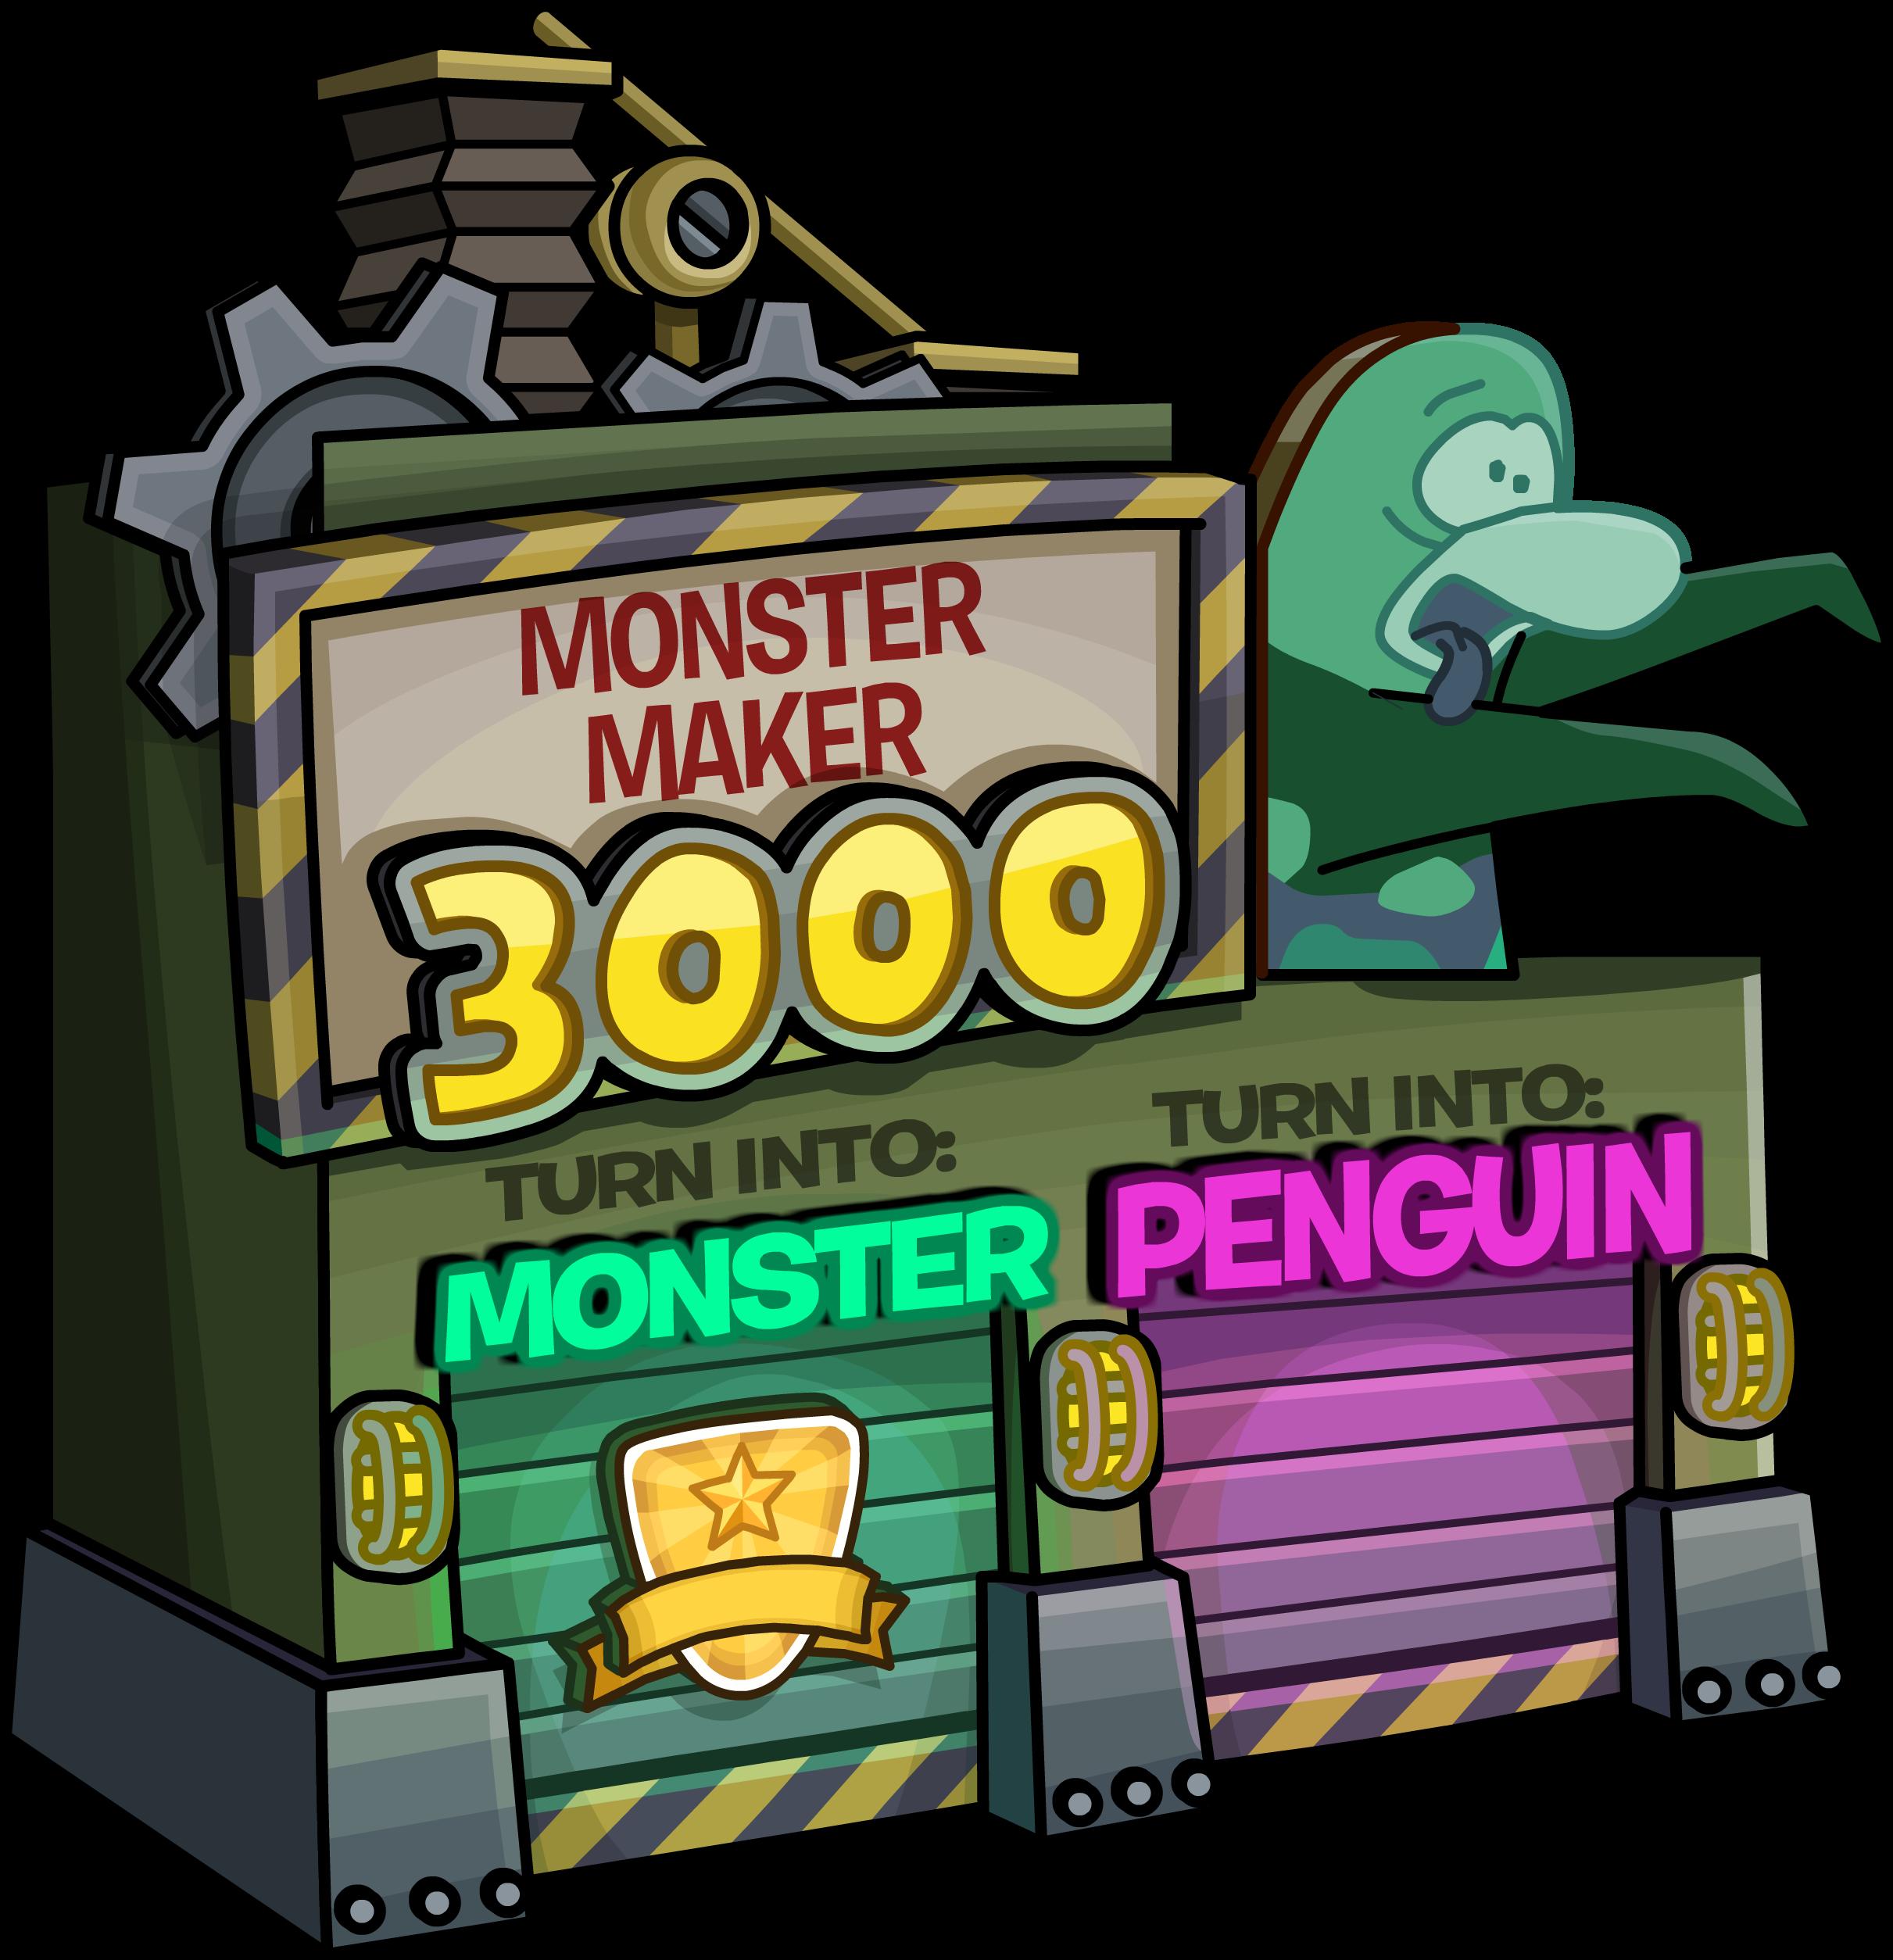 Monster Maker 3000